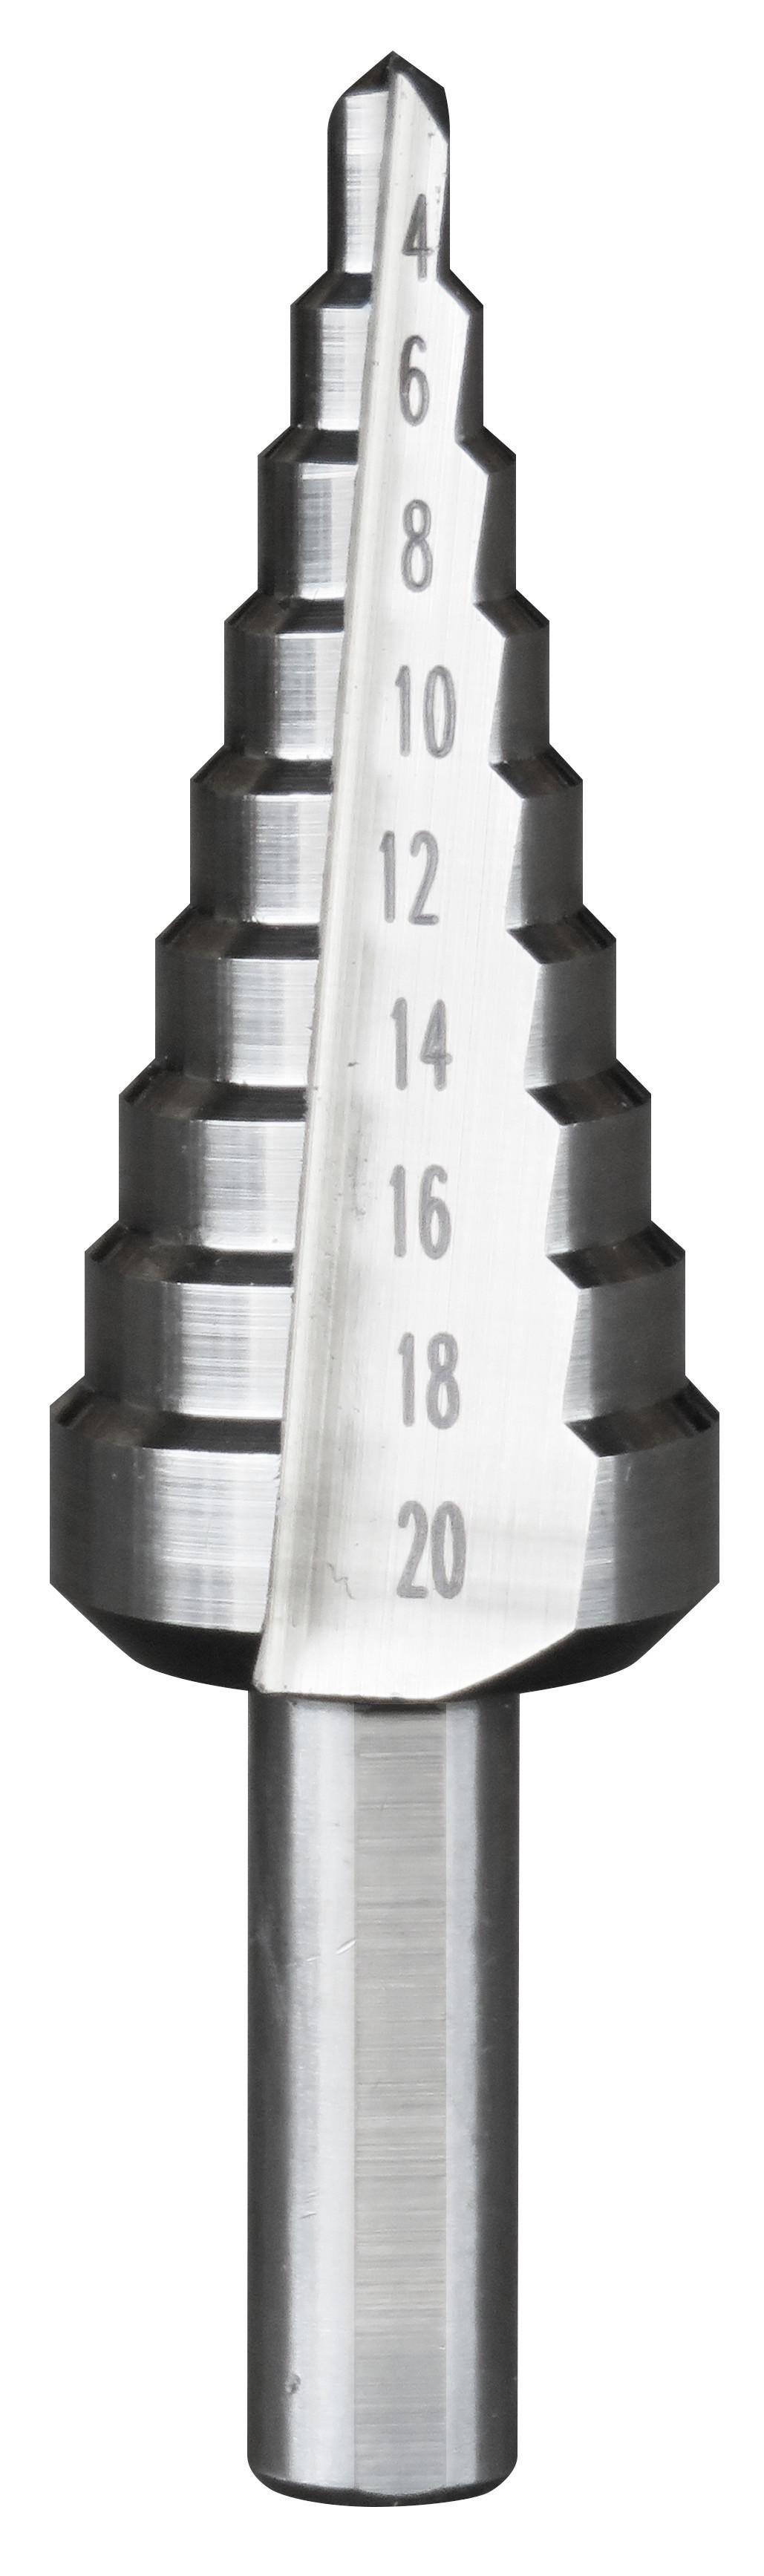 Foret conique étagé - 13 Diamètres